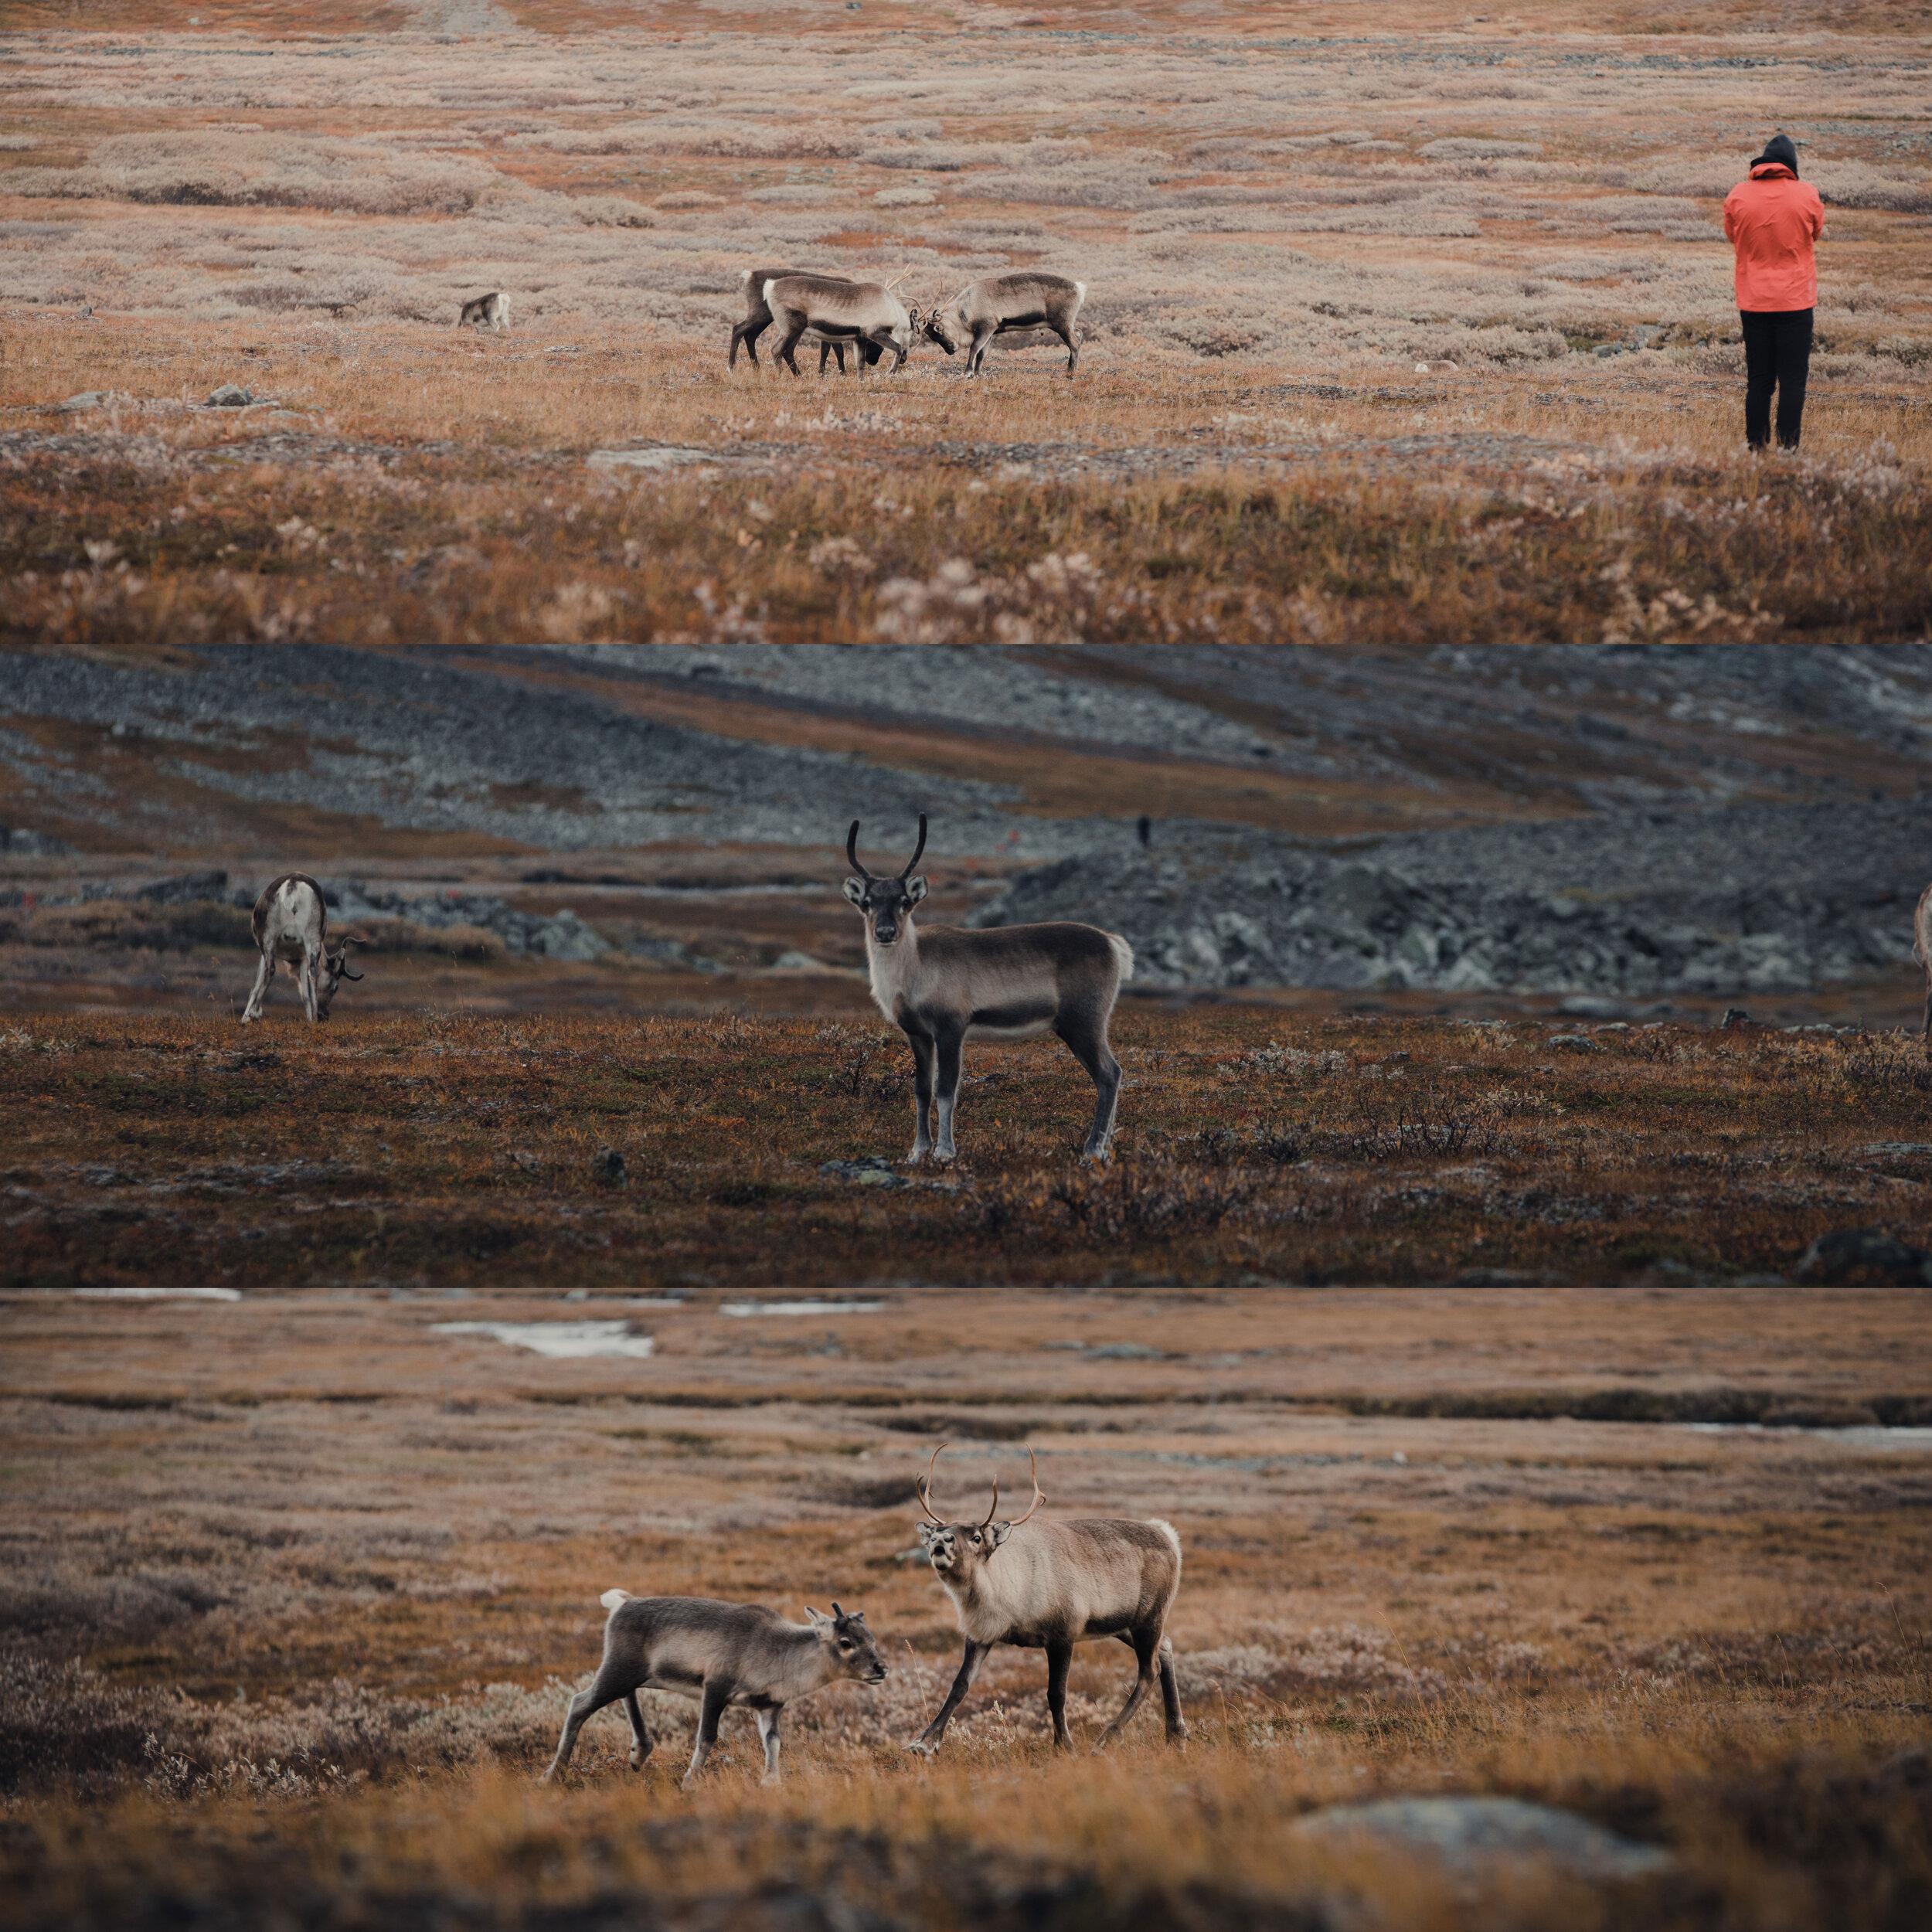 Lapland reindeers roaming the vast Northern land.